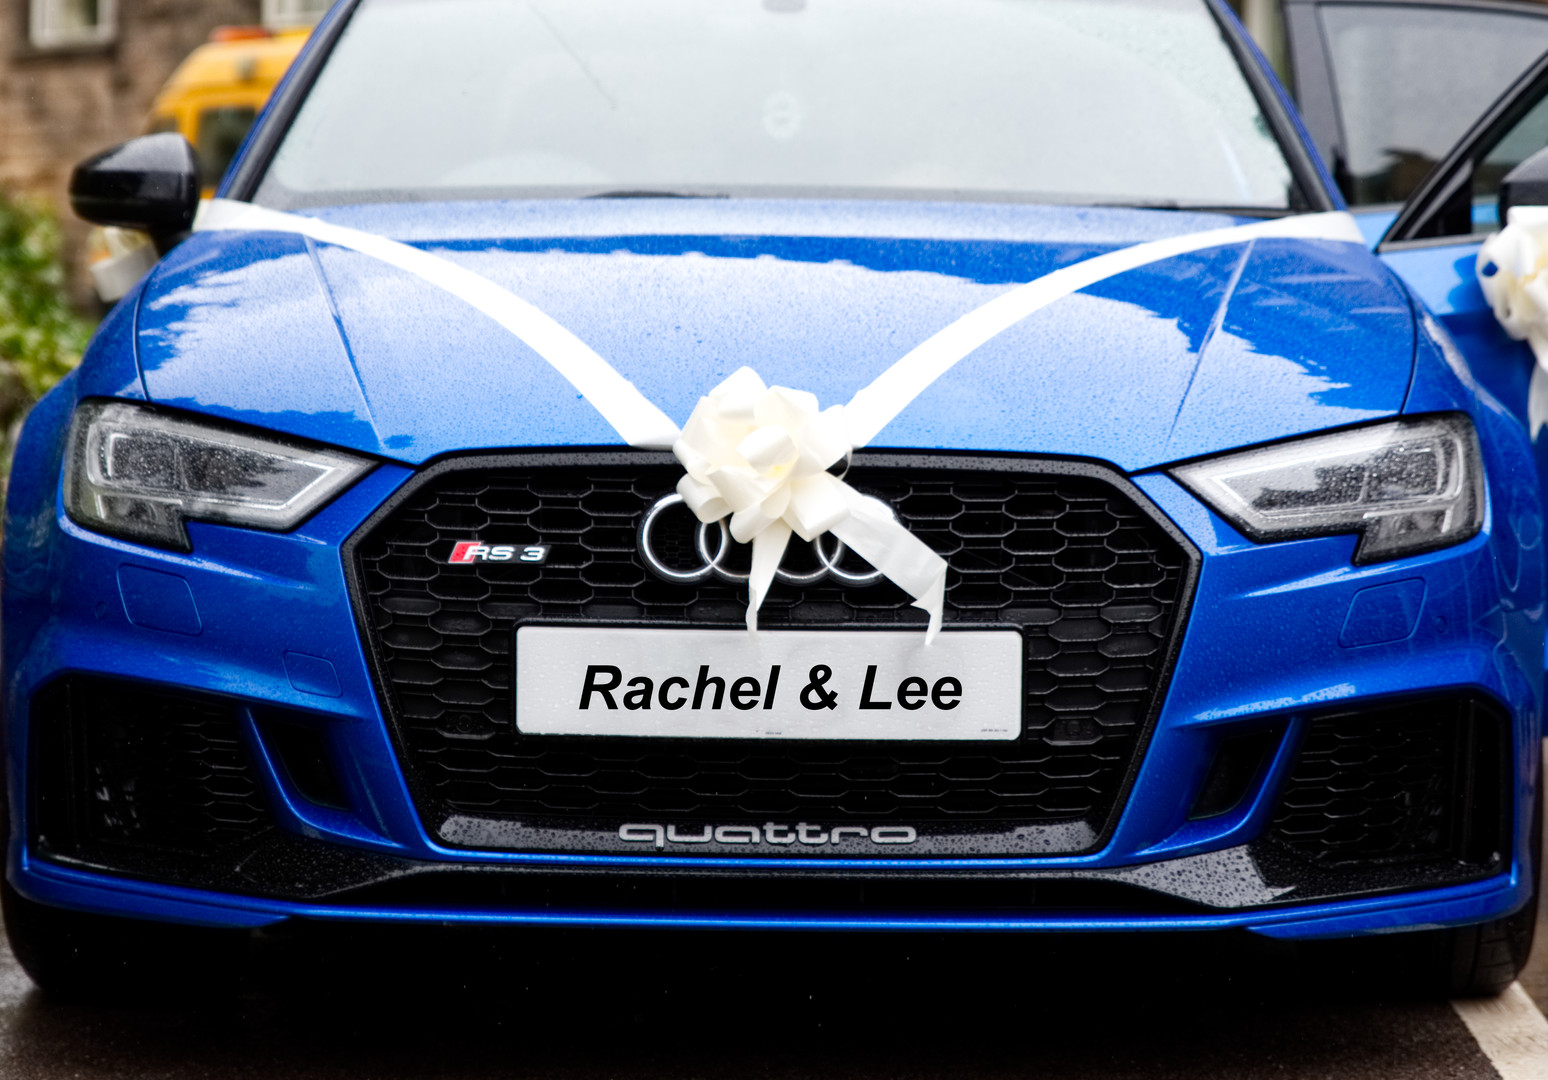 Rachel&Lee020.jpg